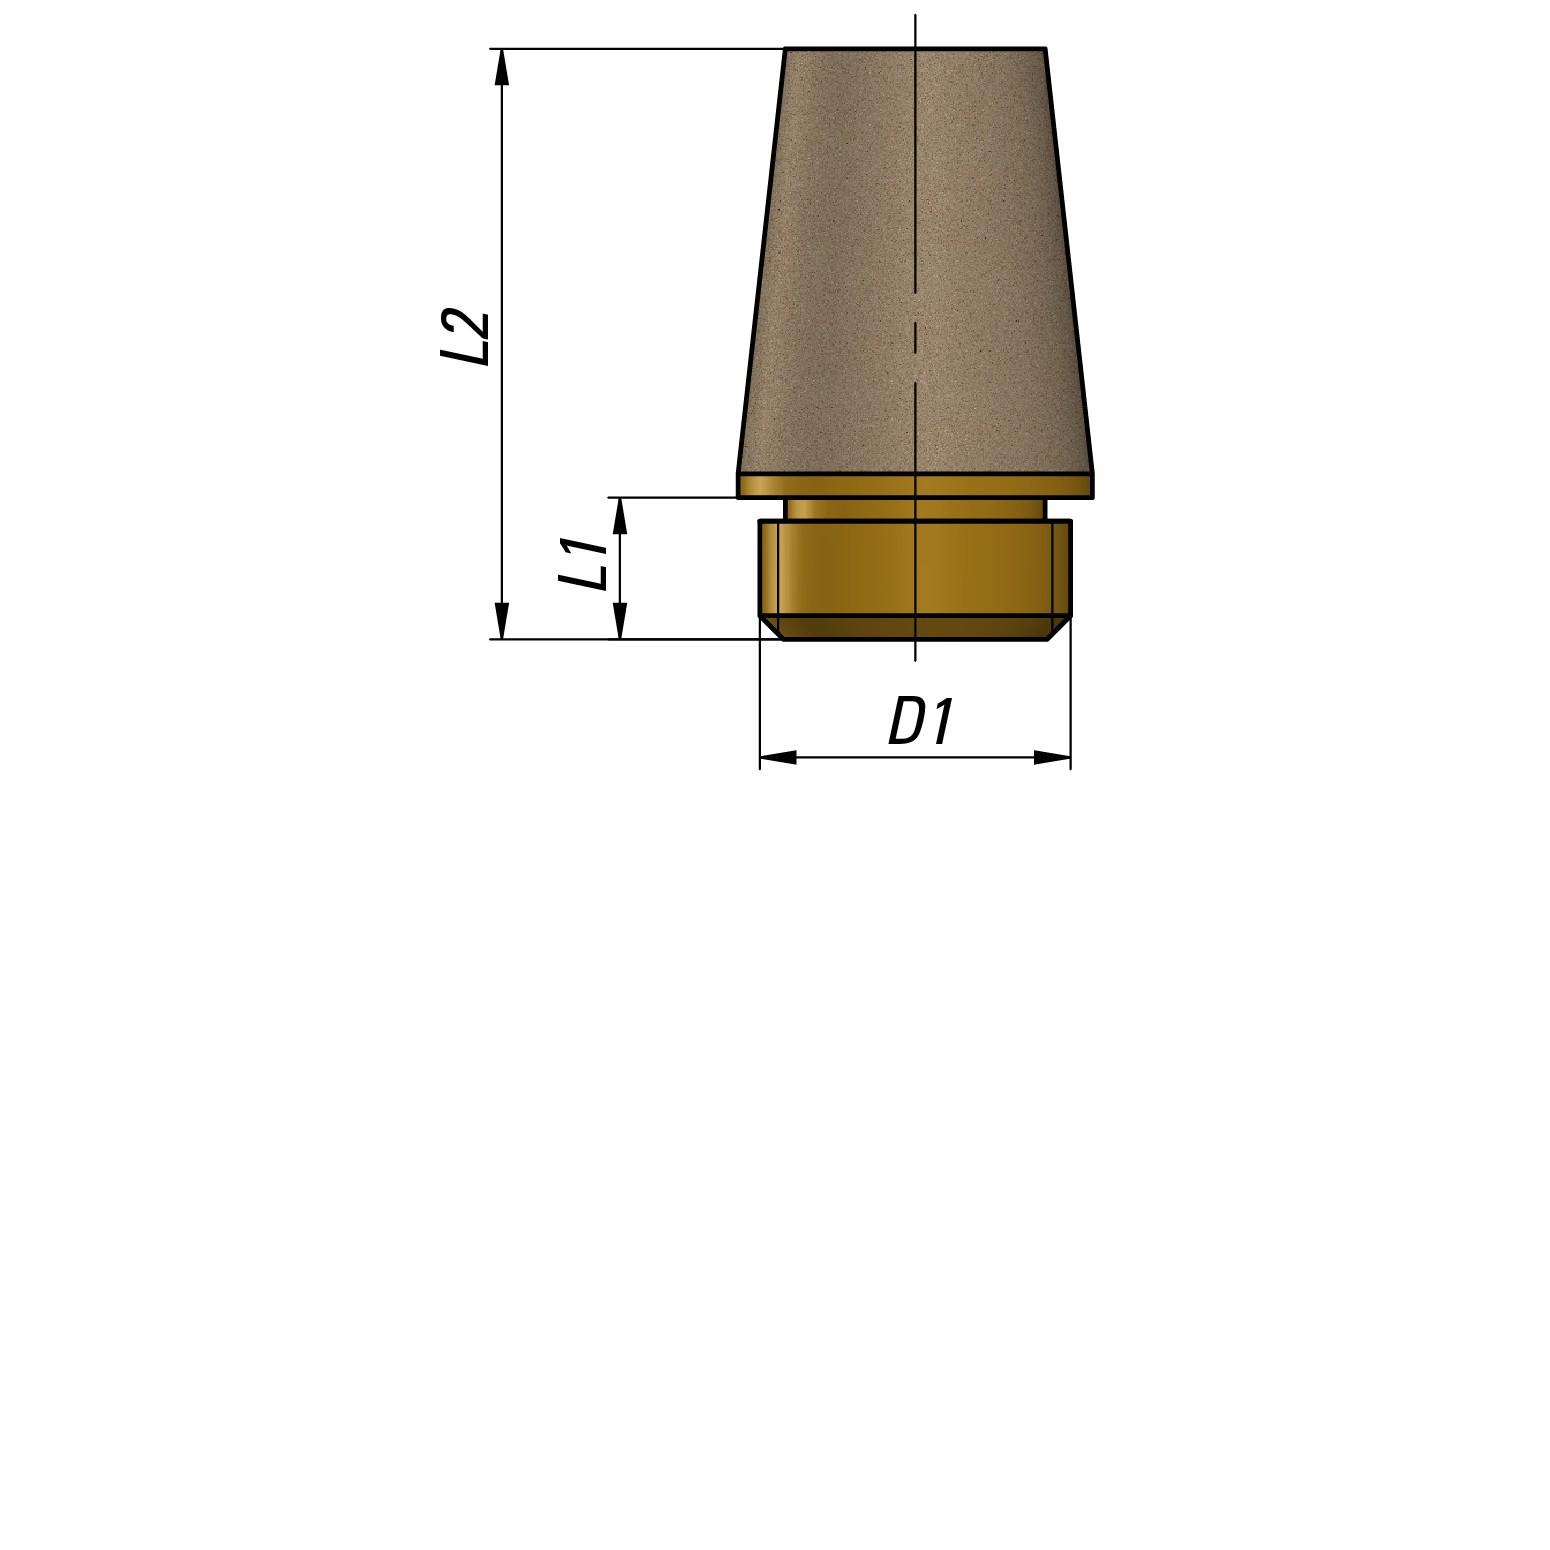 MV11 00 12 -CO